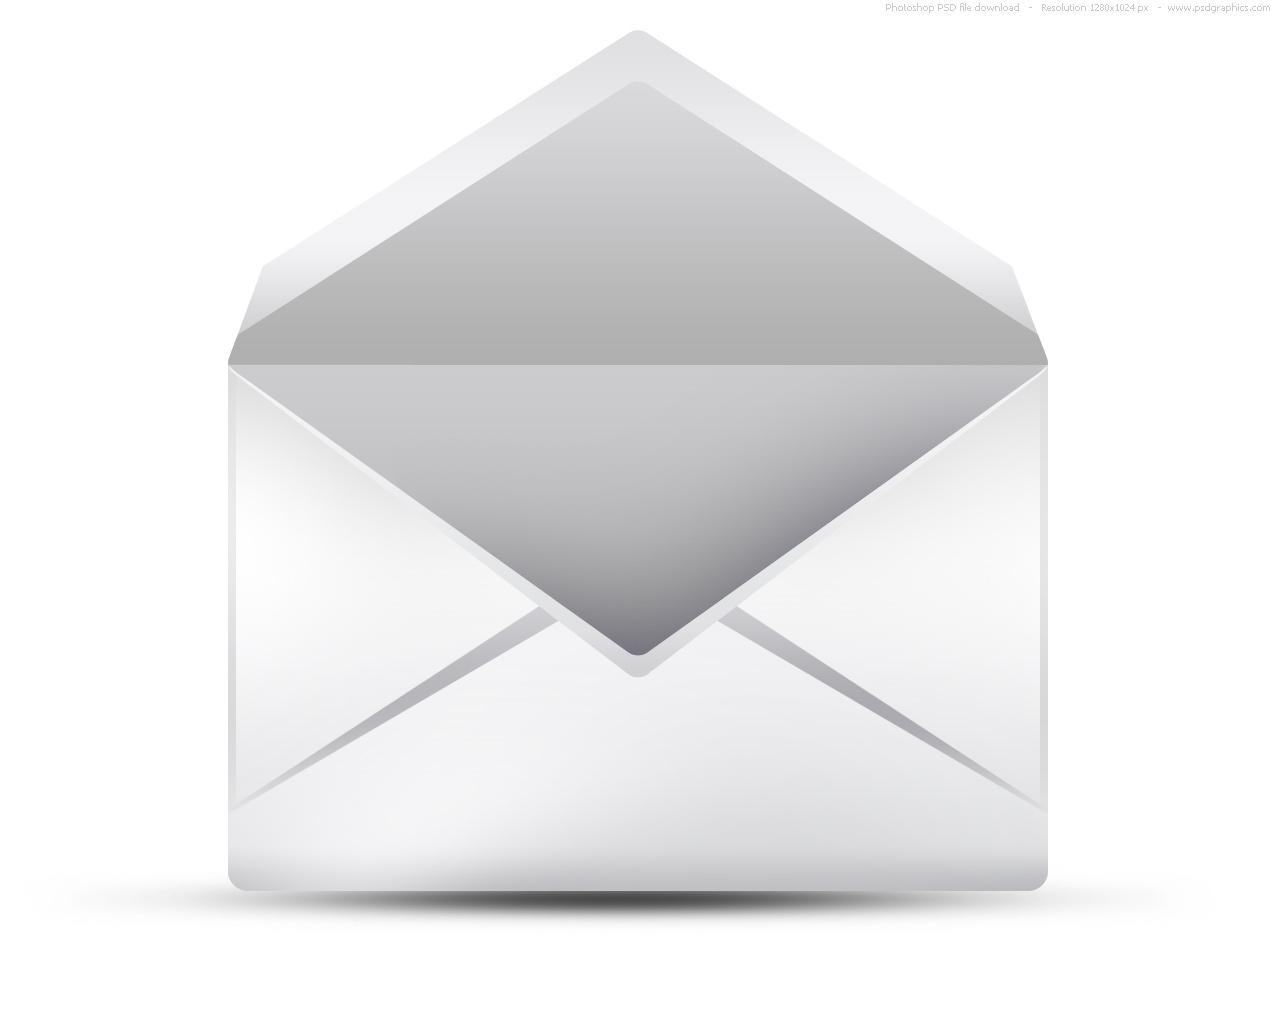 White Open Envelope Icon